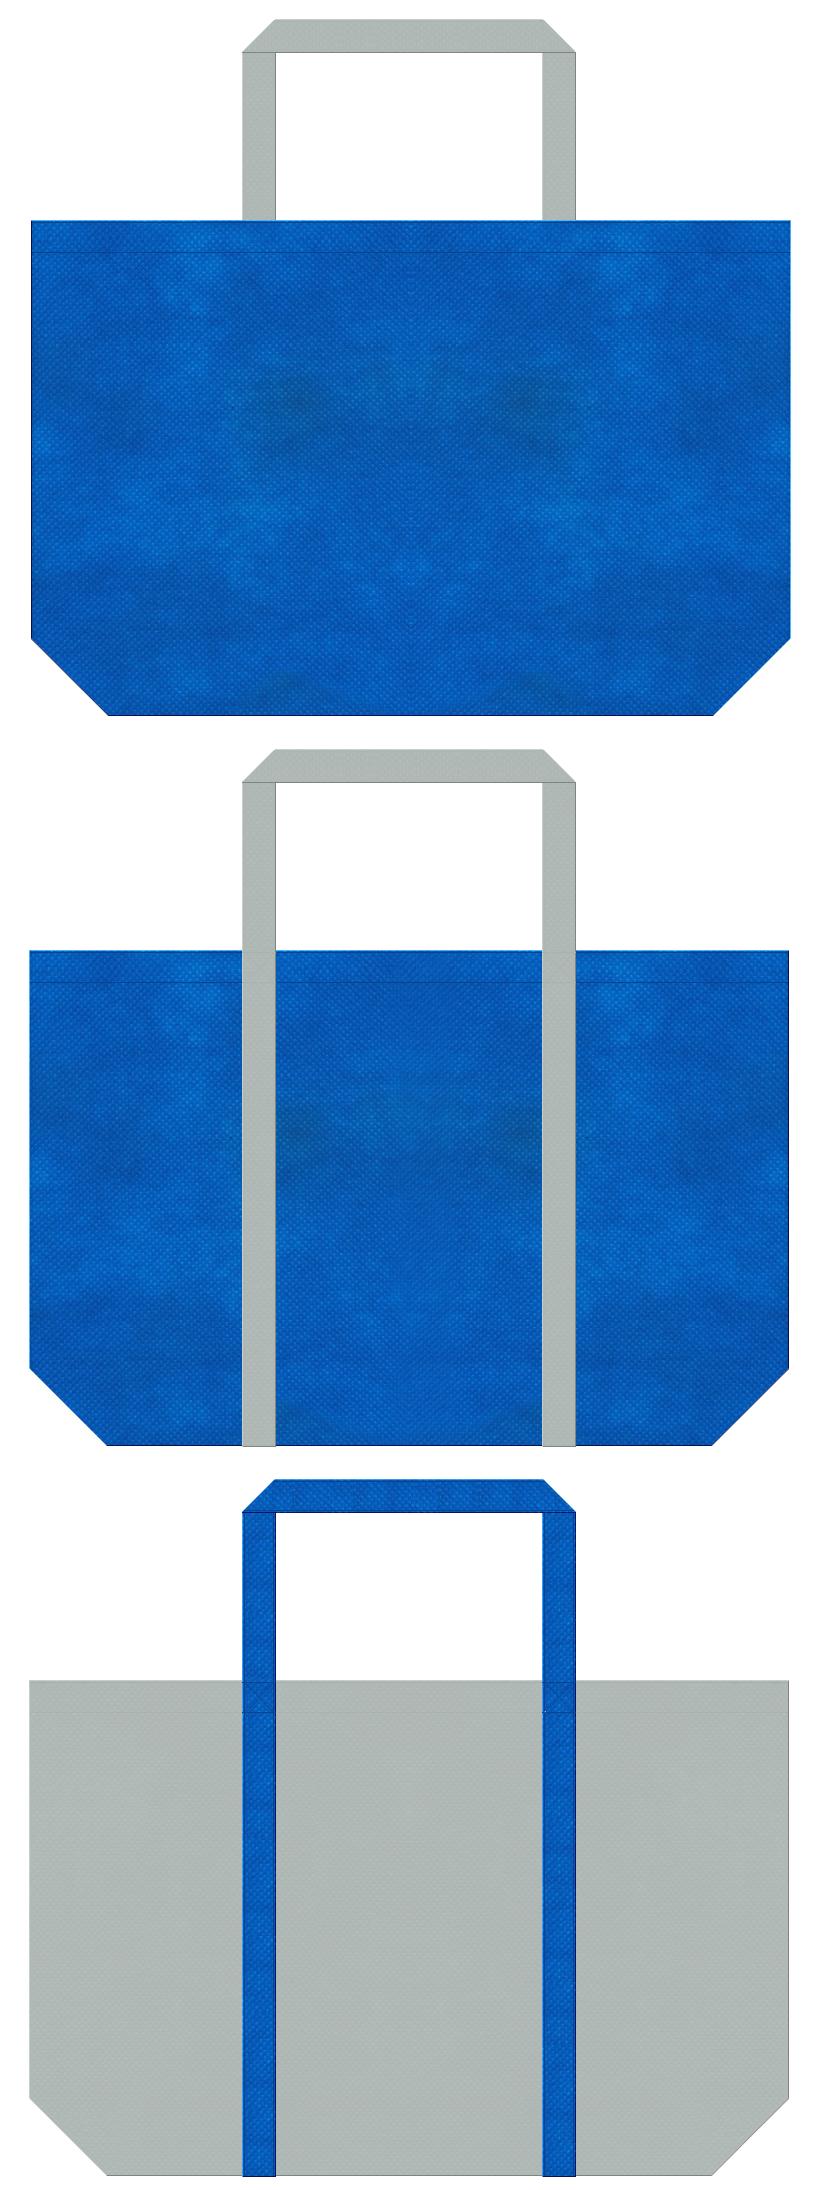 不織布トートバッグ 舟底タイプ 不織布カラーNo.22スカイブルーとNo.2ライトグレーの組み合わせ